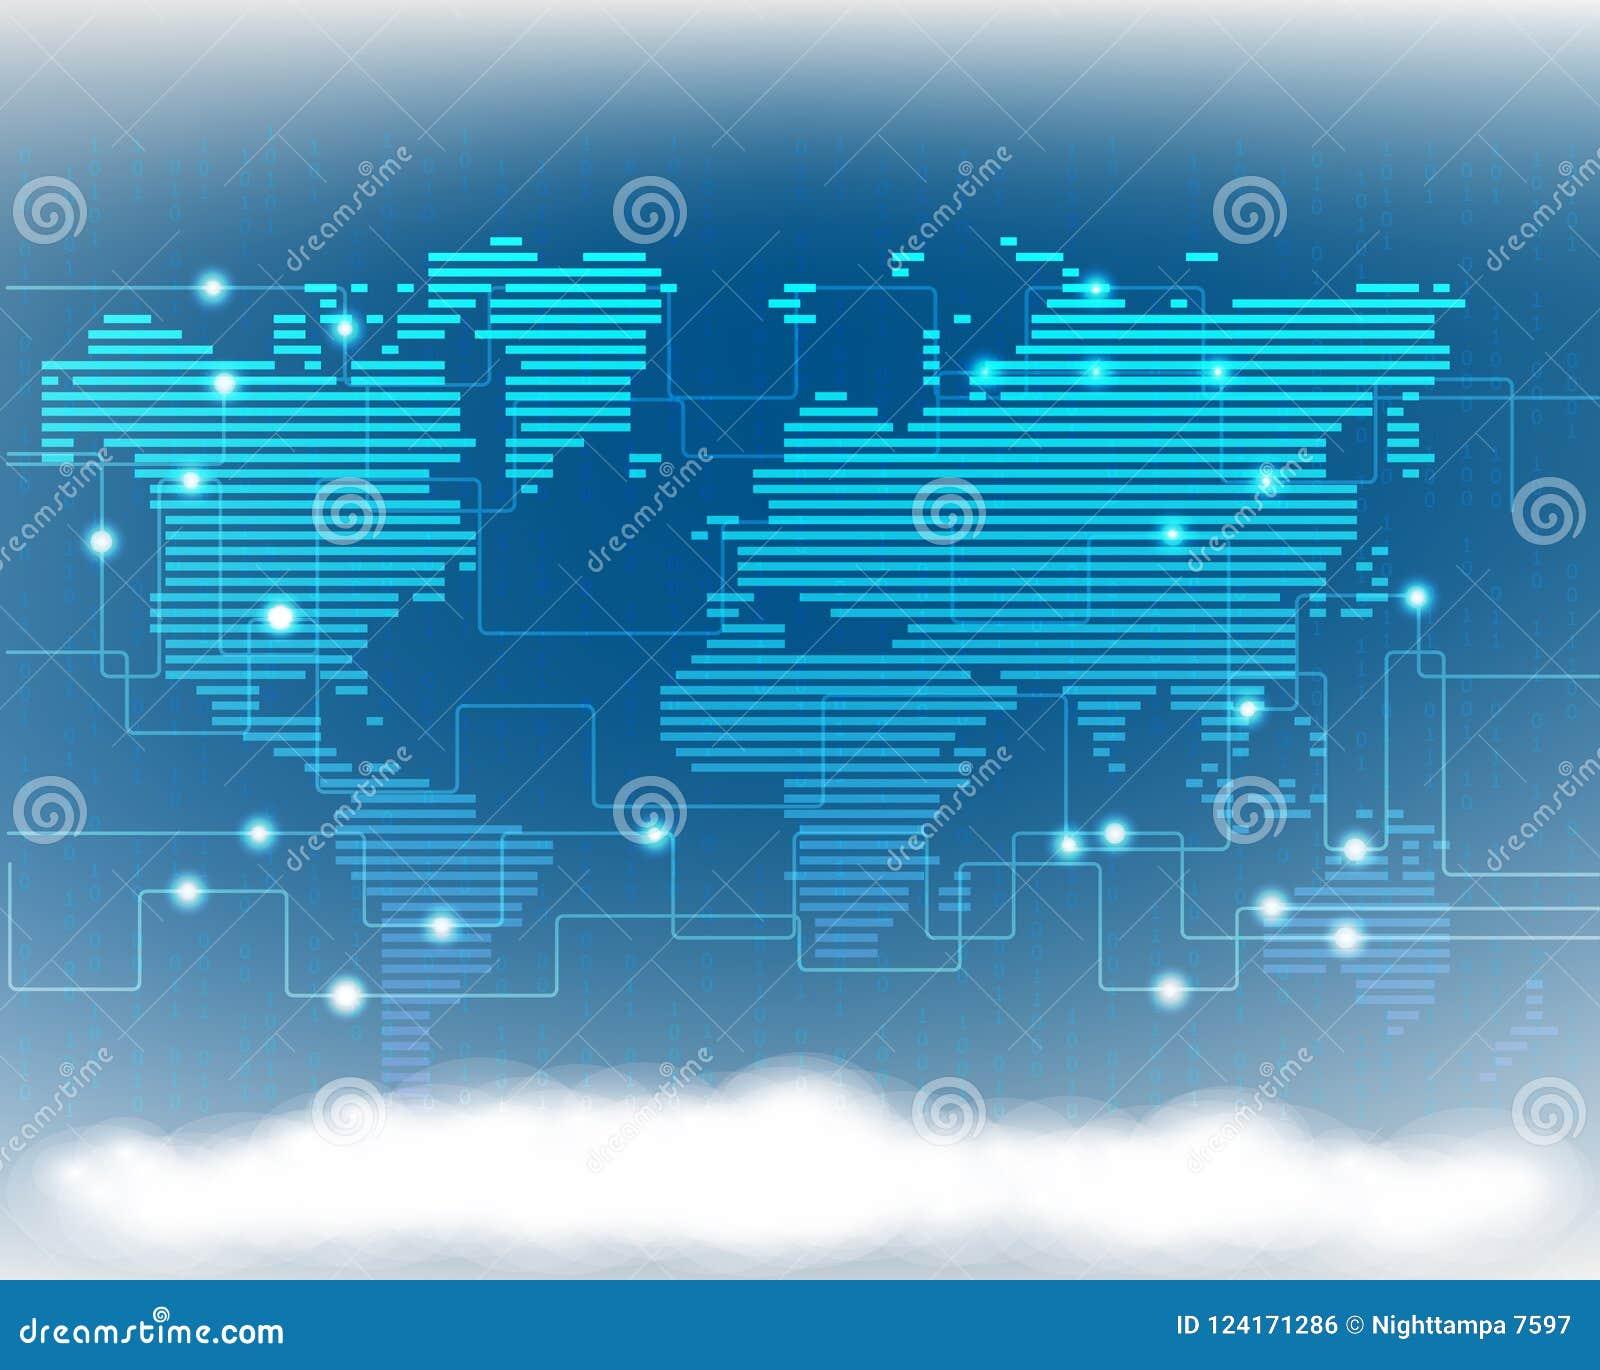 Σφαιρική ποιότητα SYS γραμμών δικτύων πληροφοριών στοιχείων σύννεφων παγκόσμιων χαρτών